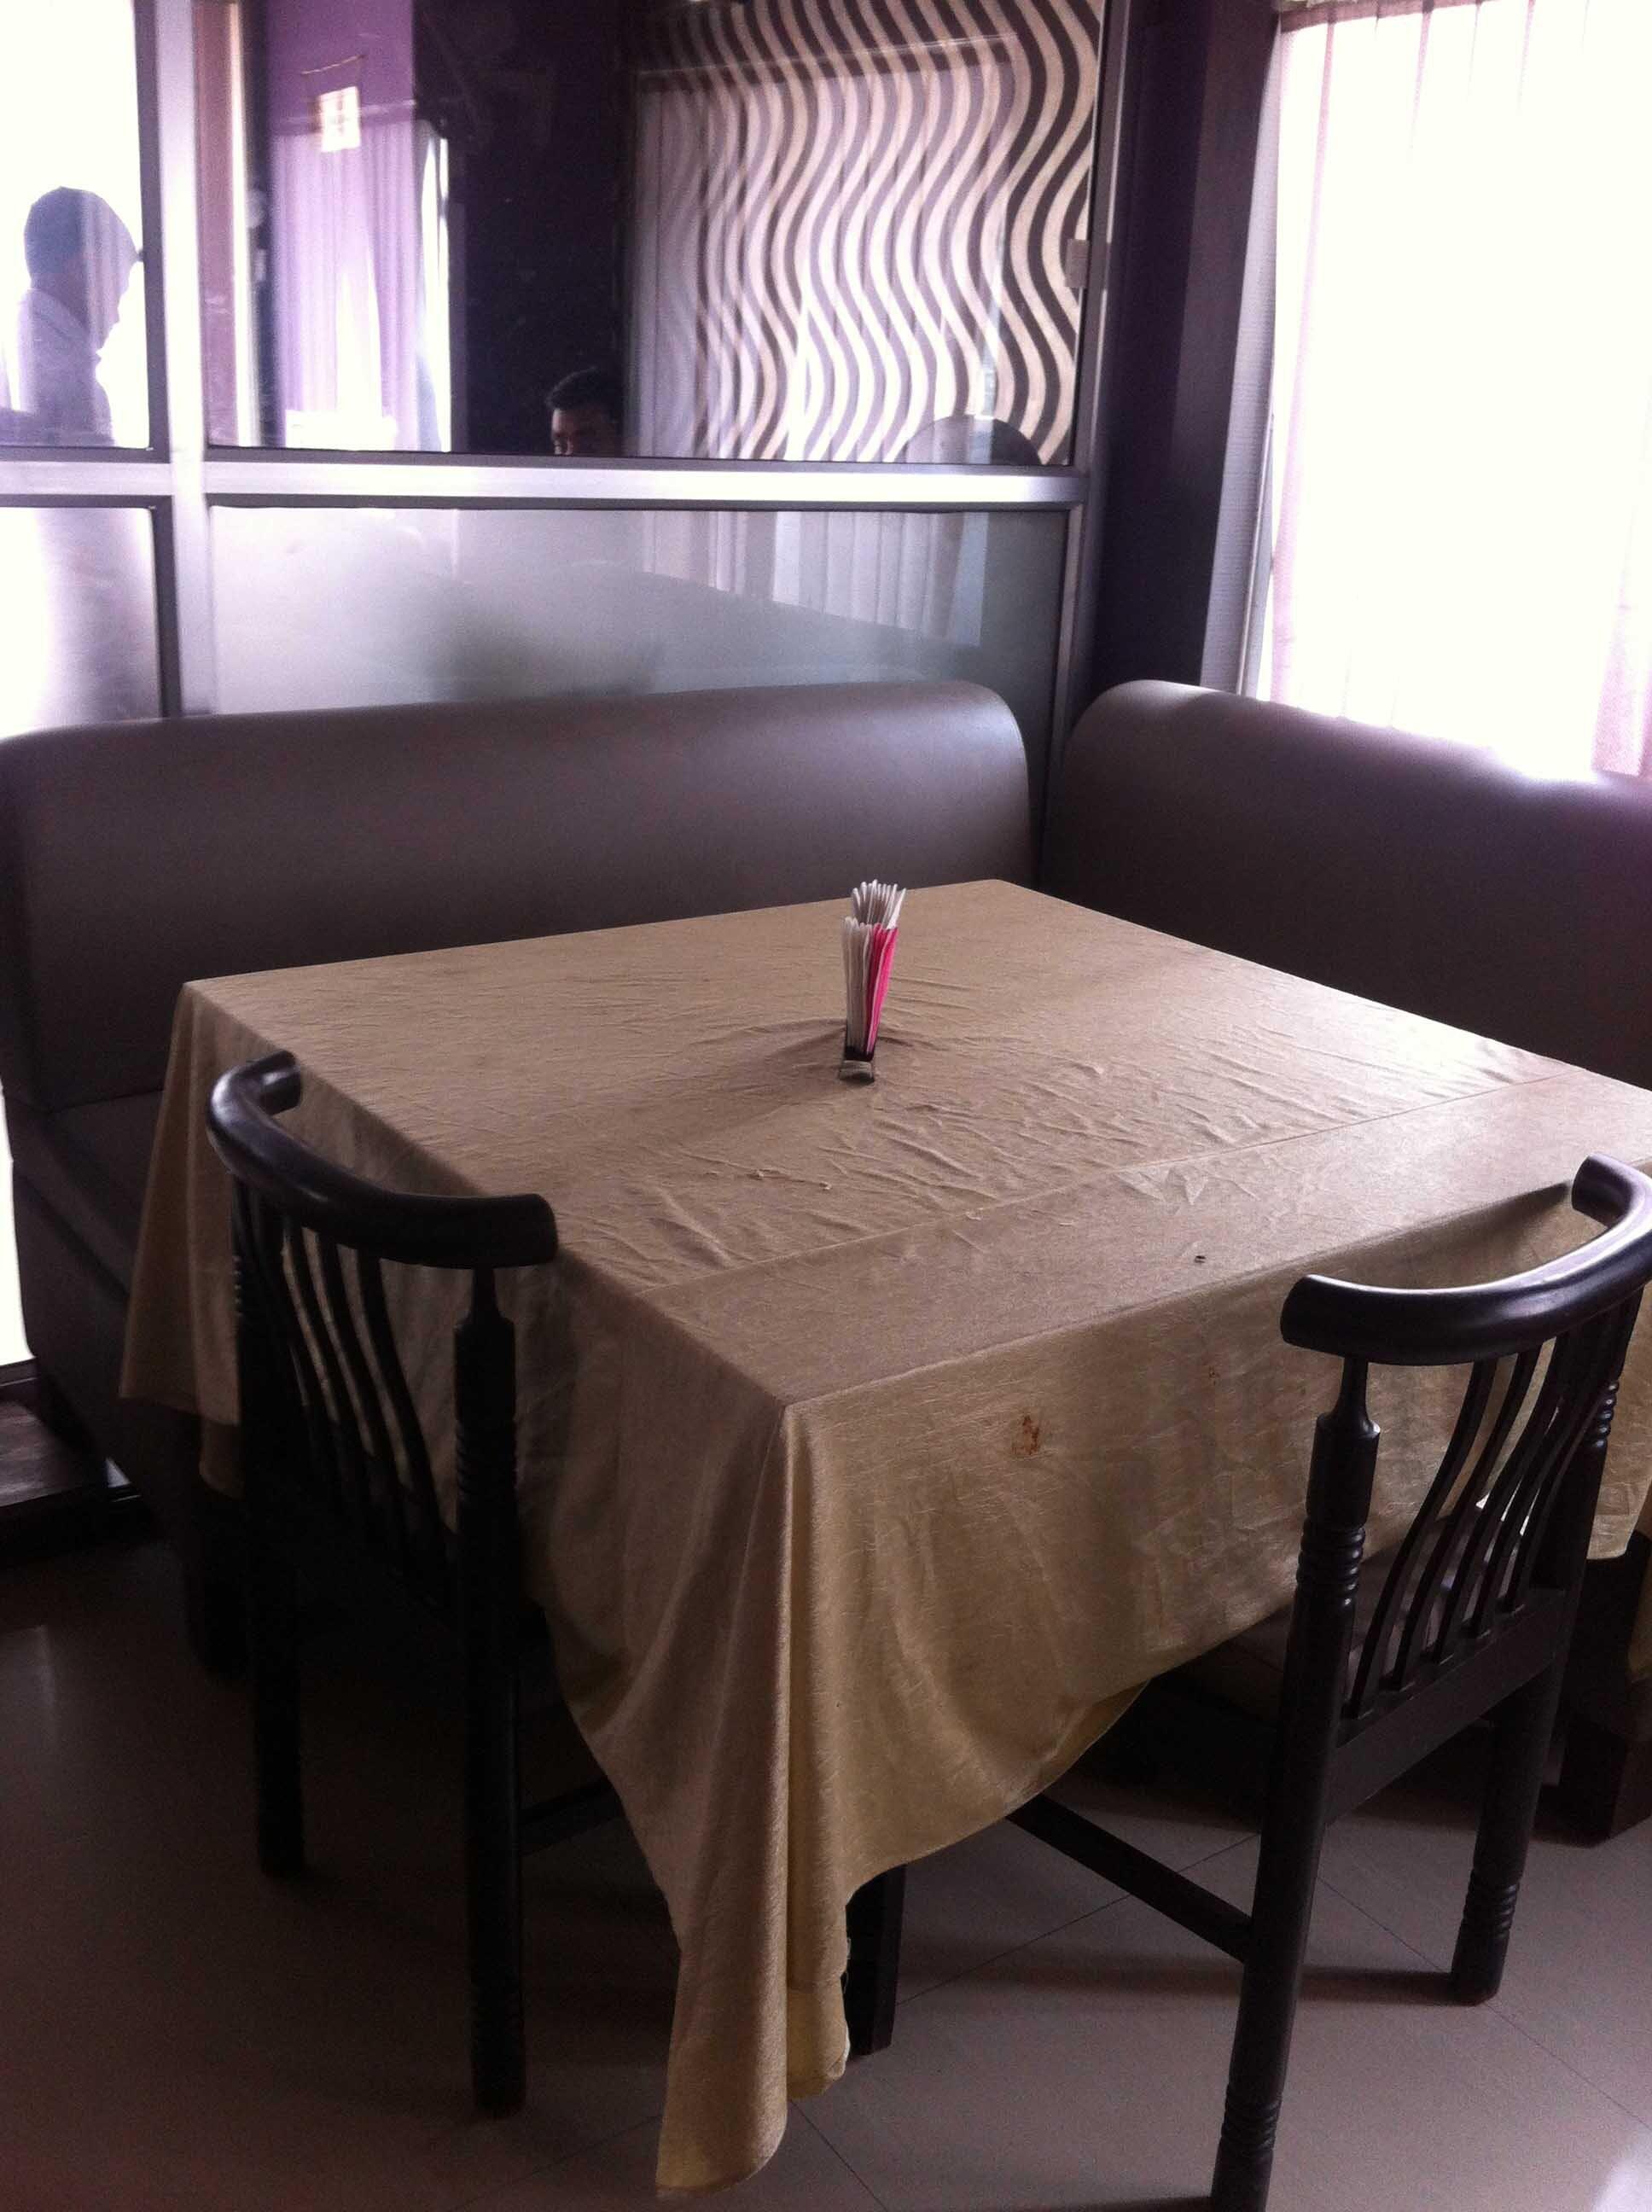 Kuisine Pied Restaurant - Ulubari - Guwahati Image